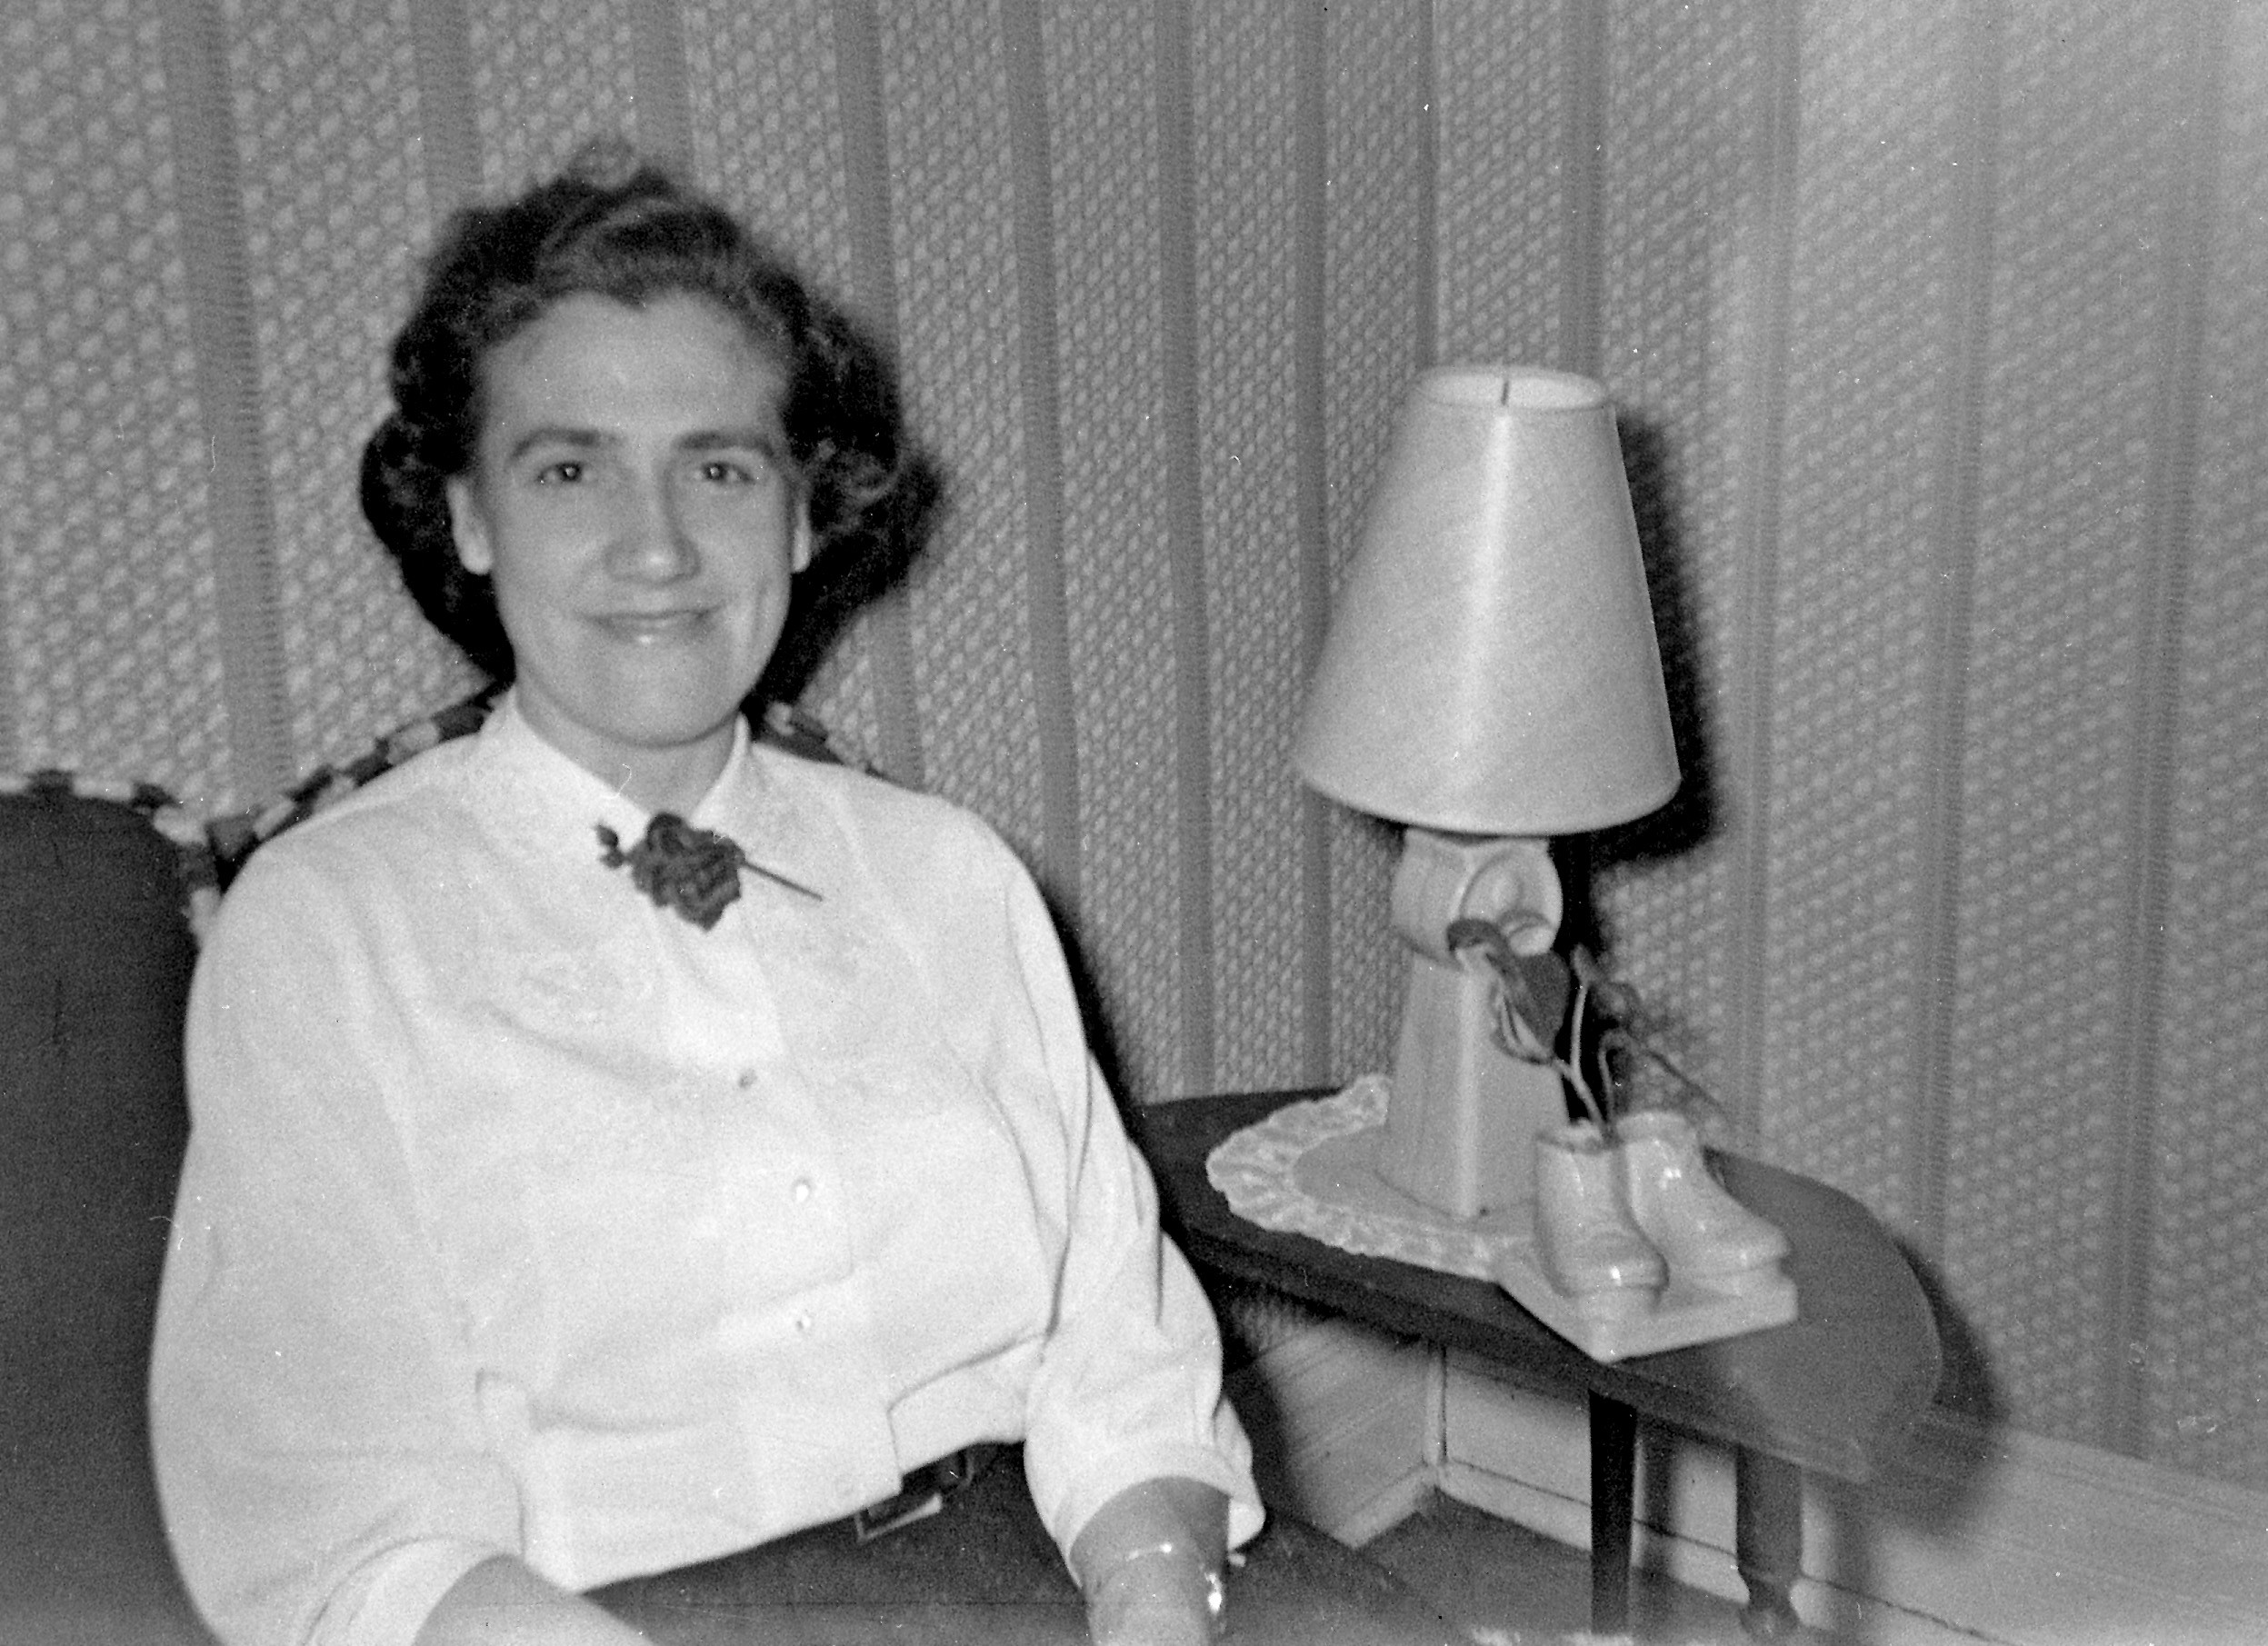 Tribute for Doris Irene Rampey Higgins album